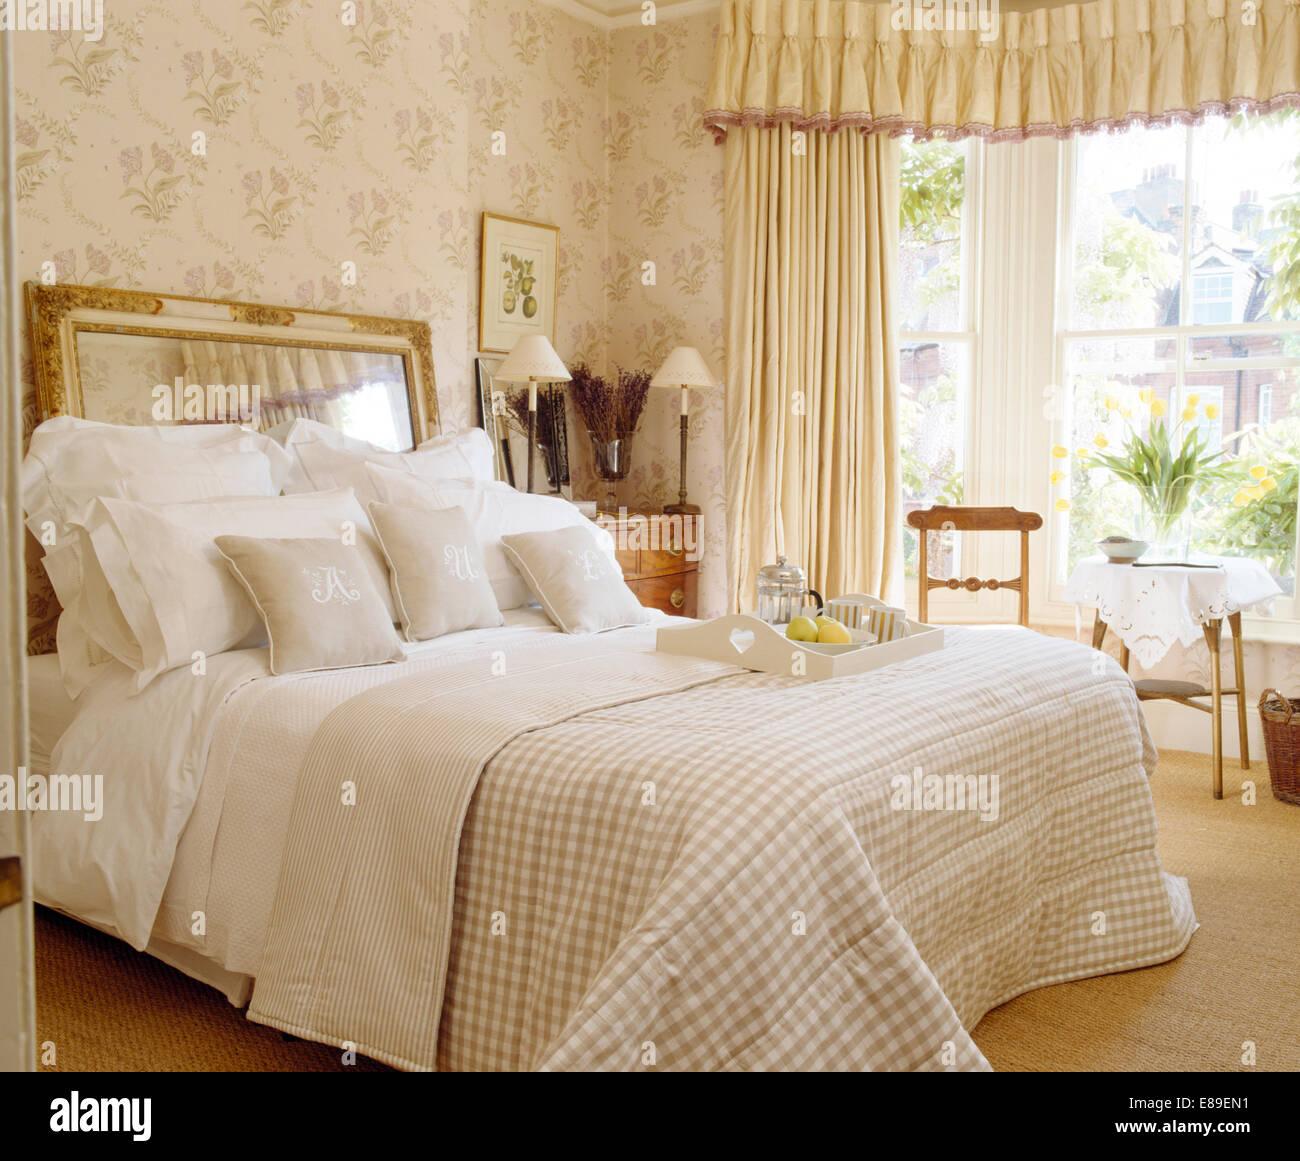 interesting miroir utilis comme lit avec tte de lit sur des draps blancs et crme vrifi dans quilt country style chambre with miroir tete de lit